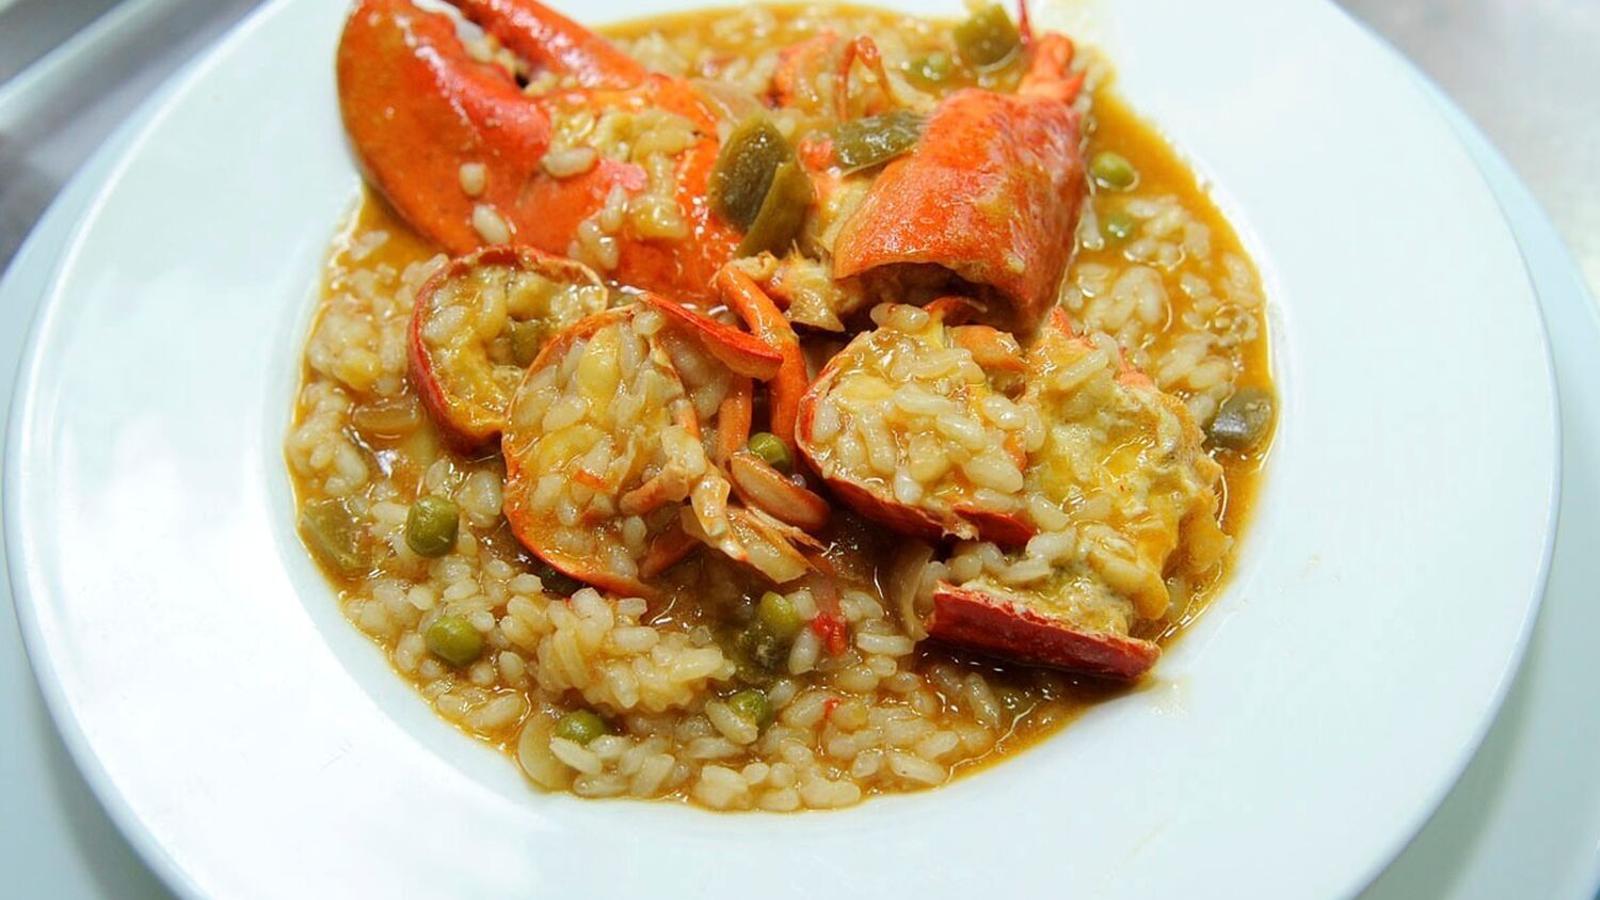 Els restaurants elaboraran plats tradicionals amb el producte local de protagonista.